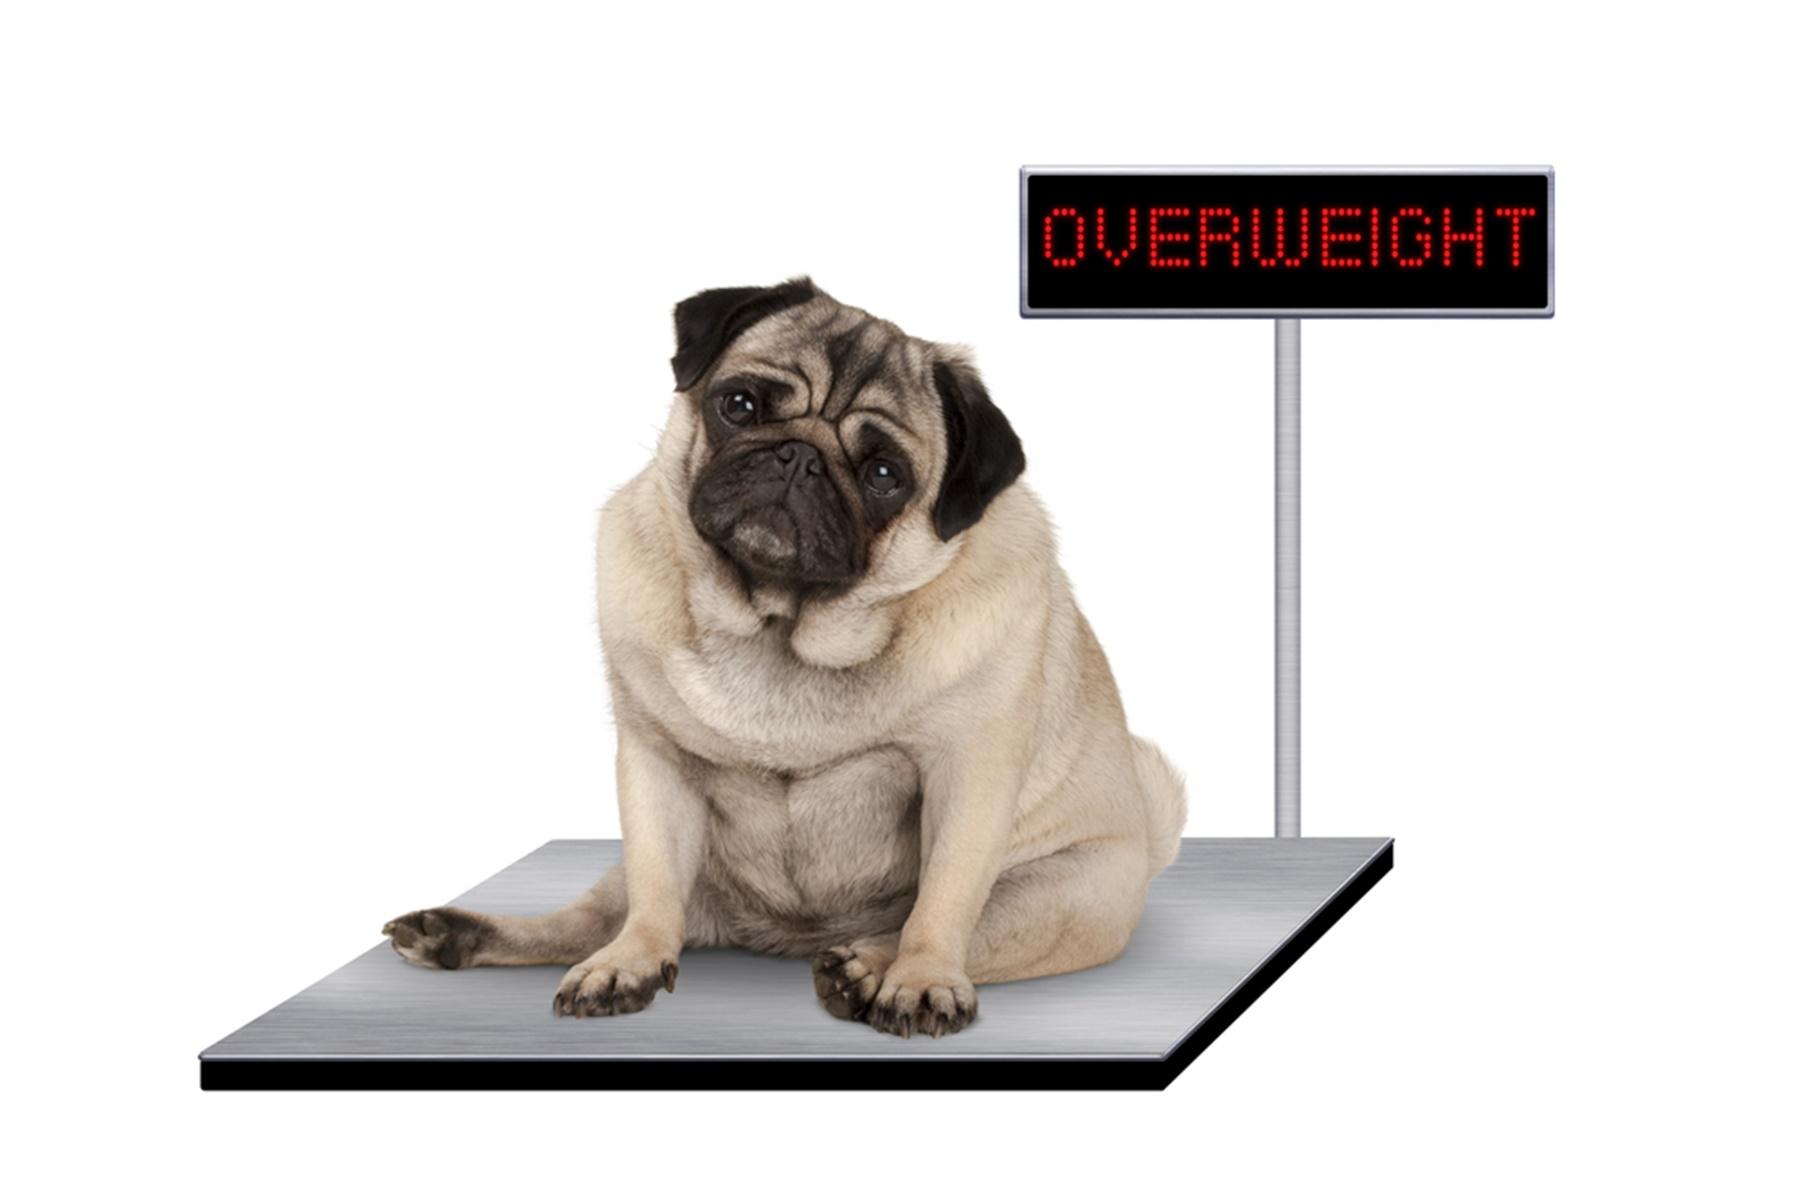 Προσδόκιμο ζωής : Διατηρήστε το βάρος του κατοικιδίου σας και κάντε το να ζήσει περισσότερο